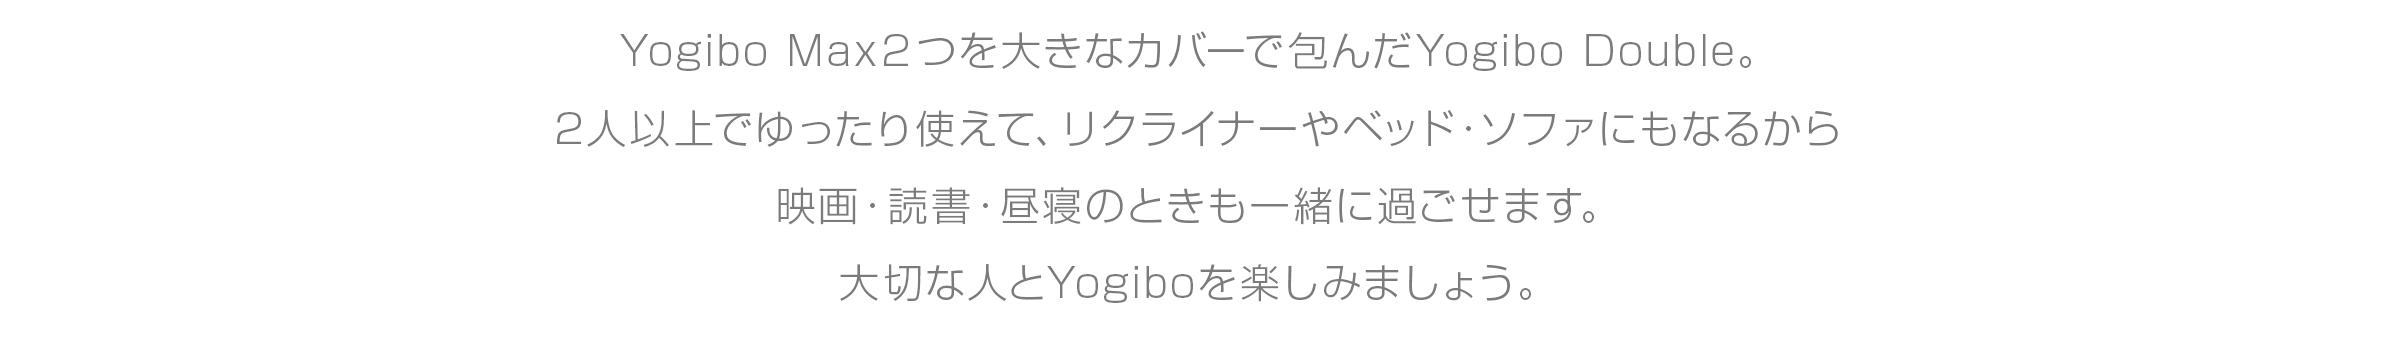 Yogibo Max2つを 大きなカバーで包んだYogibo Double。 2人以上でゆったり使えて、リクライナーや ベッド・ソファにもなるから 映画・読書・昼寝のときも一緒に過ごせます。 大切な人とYogiboを楽しみましょう。